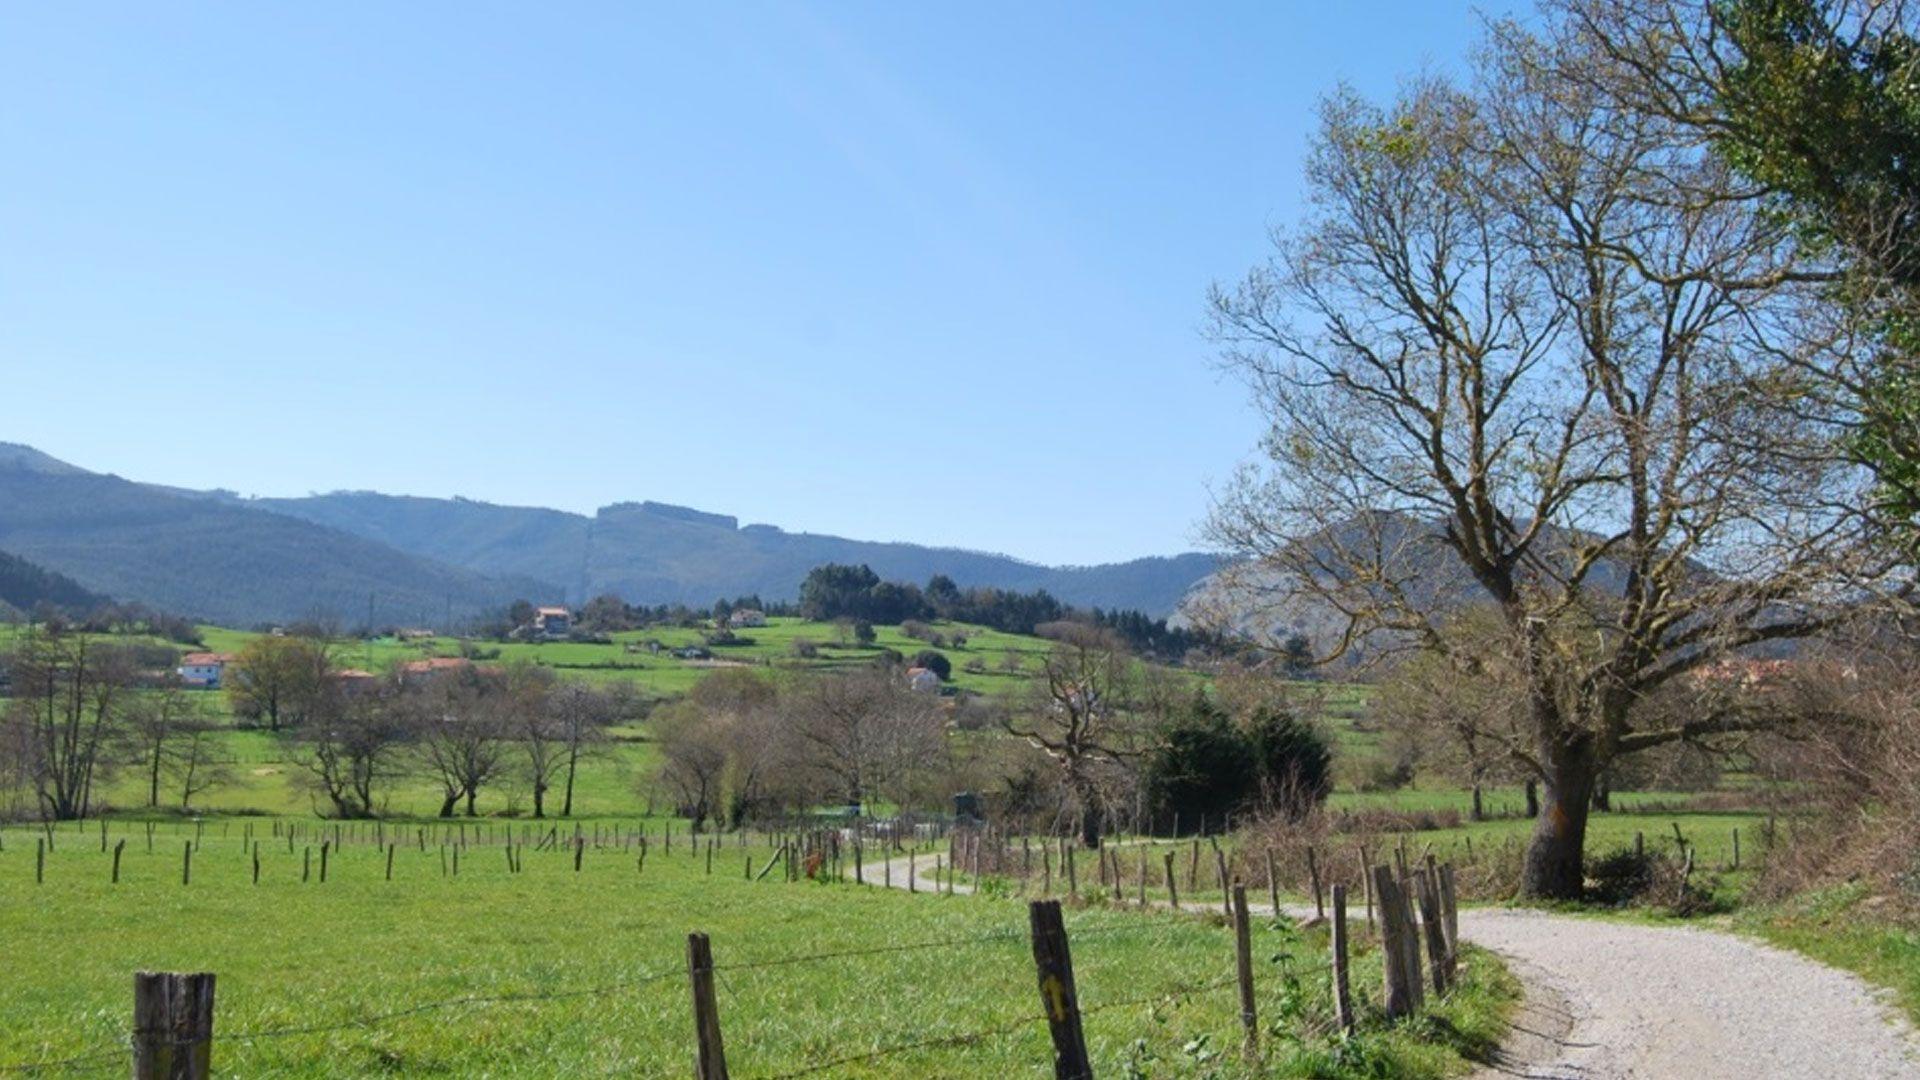 Camino del Norte Castro Urdiales